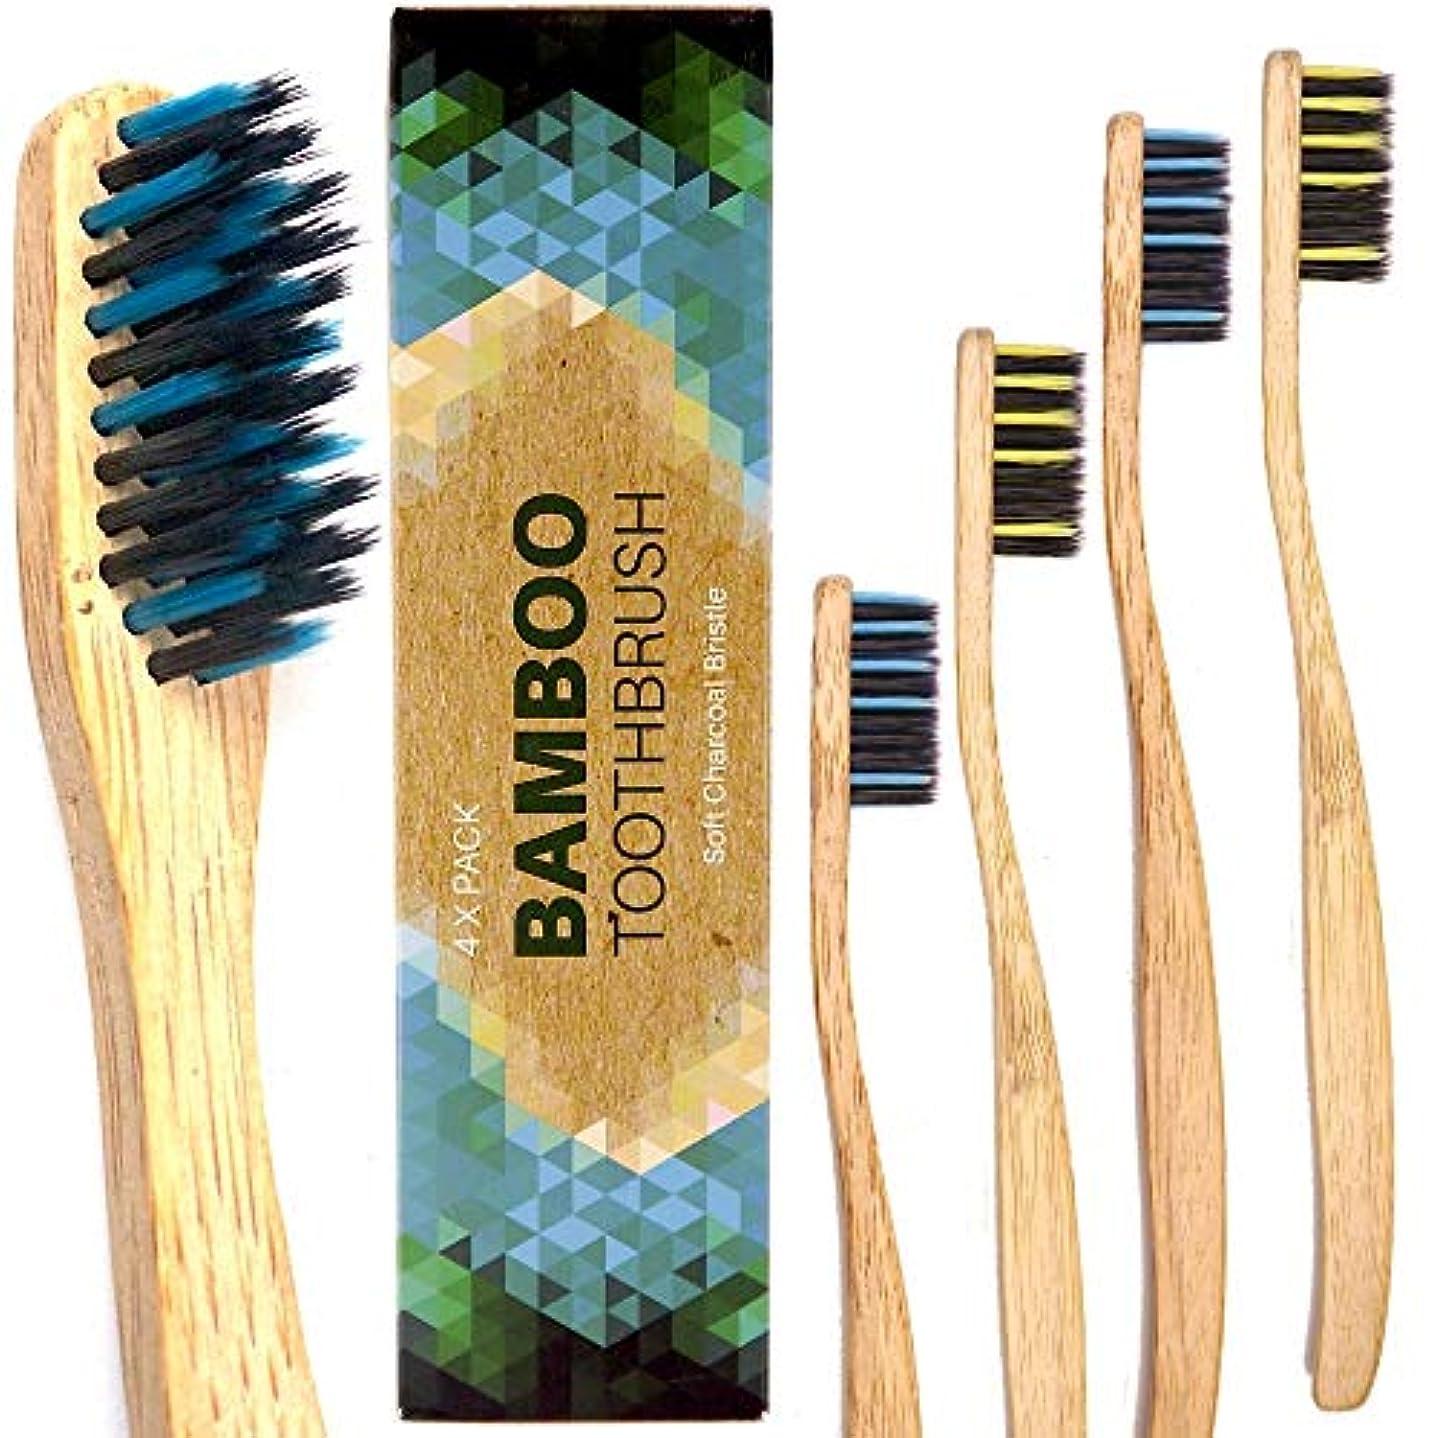 眉をひそめる階下スロット竹製歯ブラシ。チャコールブリストル大人 - ミディアム及びソフト、生分解性、ビーガン、バイオ、エコ、持続可能な木製ハンドル4本パック4 Bamboo Toothbrushes, ホワイトニング 歯, ドイツの品質, 竹歯ブラシ